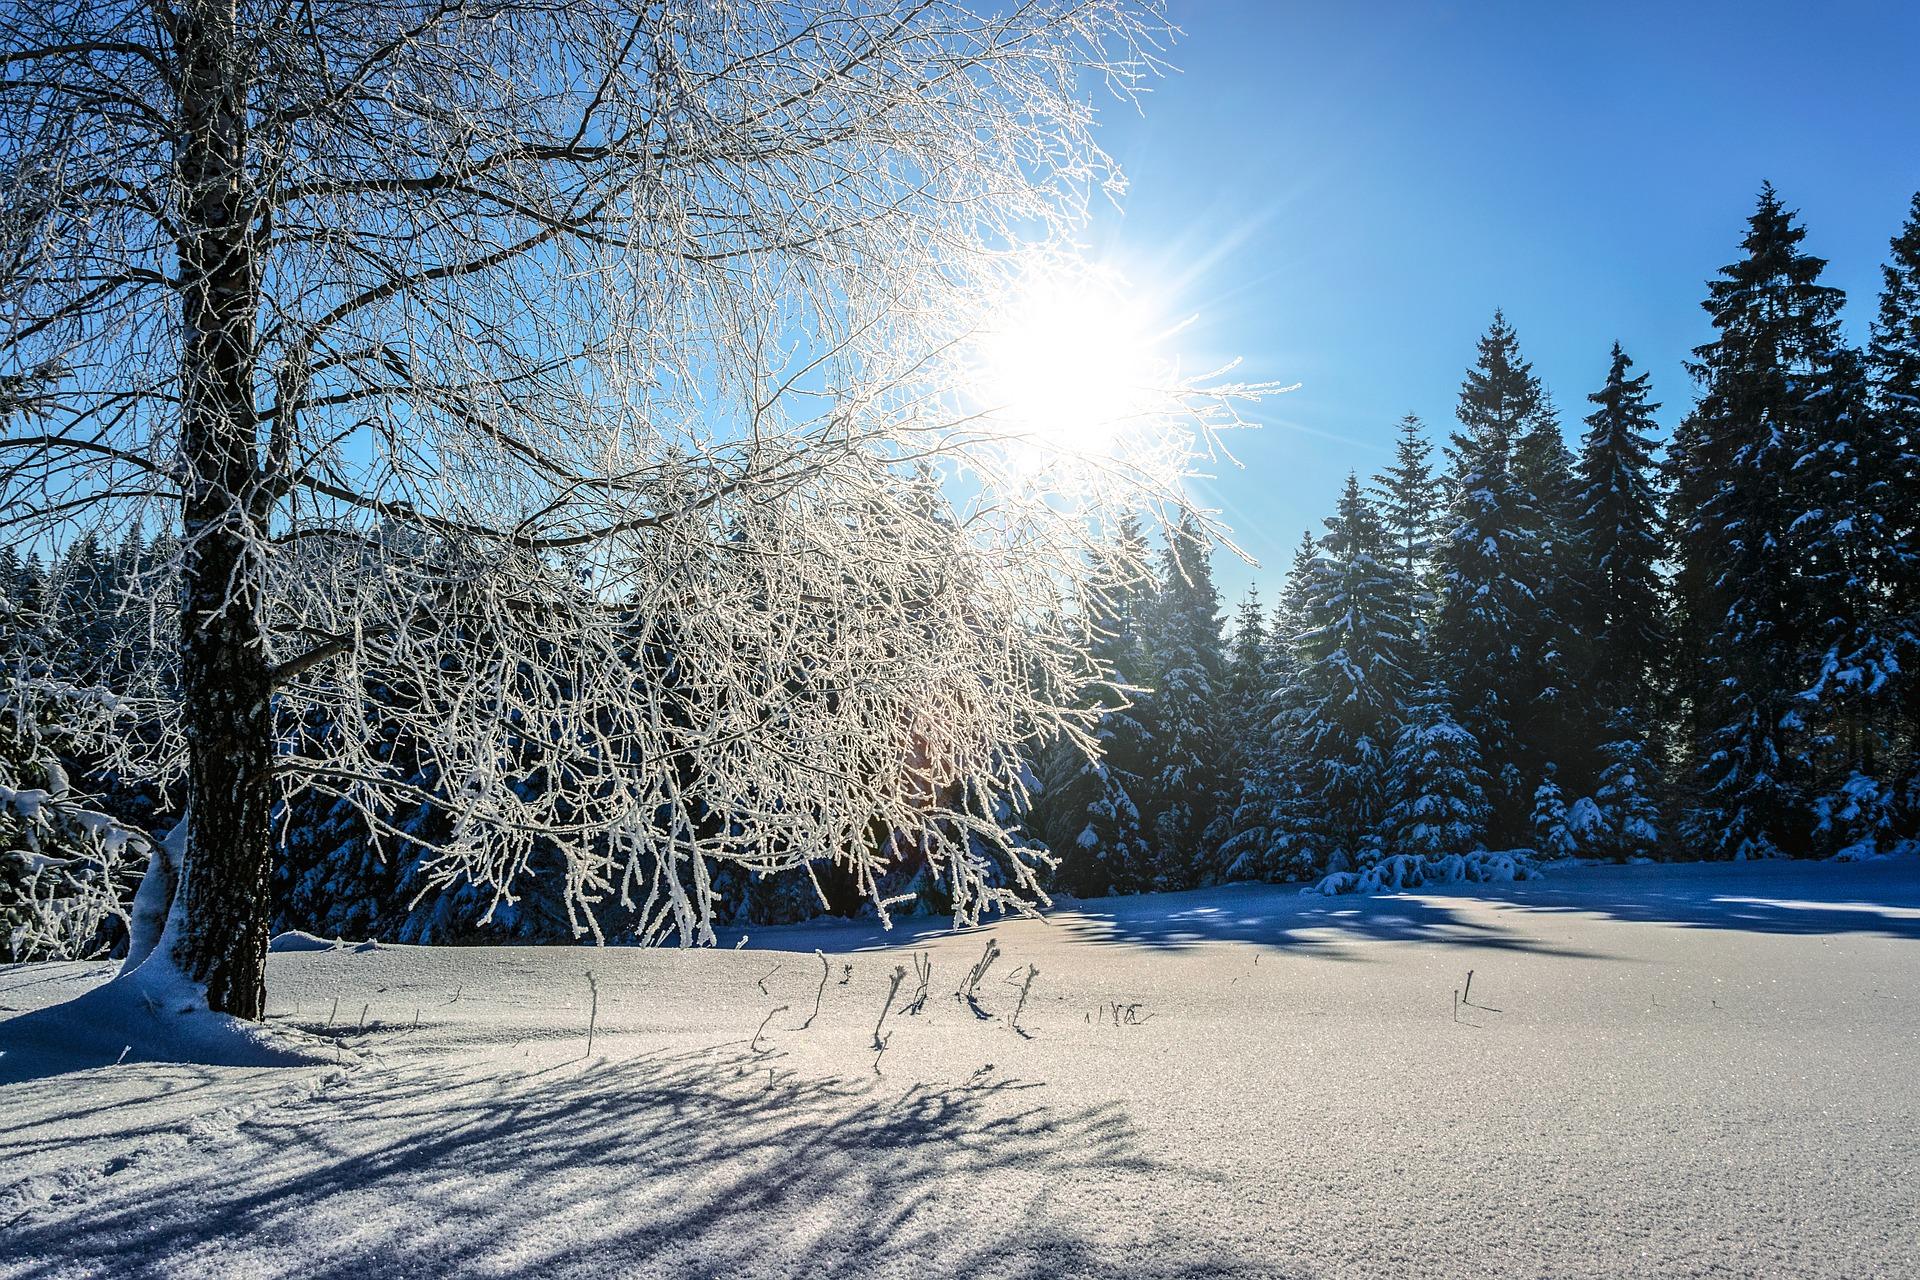 Winter Phantasiereise Fur Kinder Susse Traumreise Zum Vorlesen